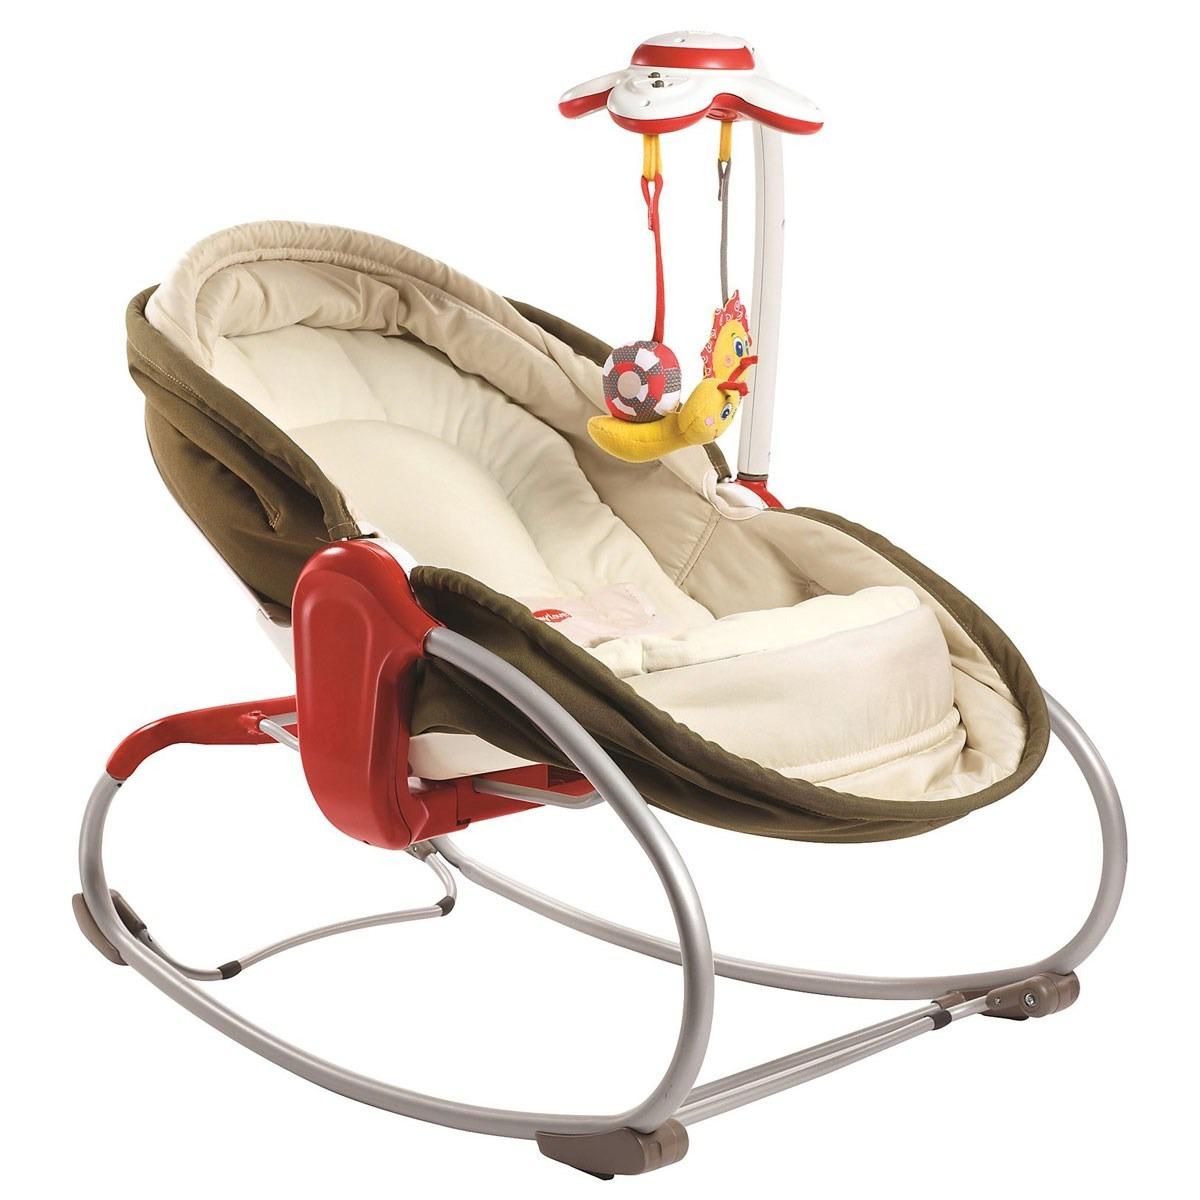 Cadeira De Balanço E Berço Portátil 3 Em 1 Rocker Nappe R$ 609 90  #B98C12 1200x1200